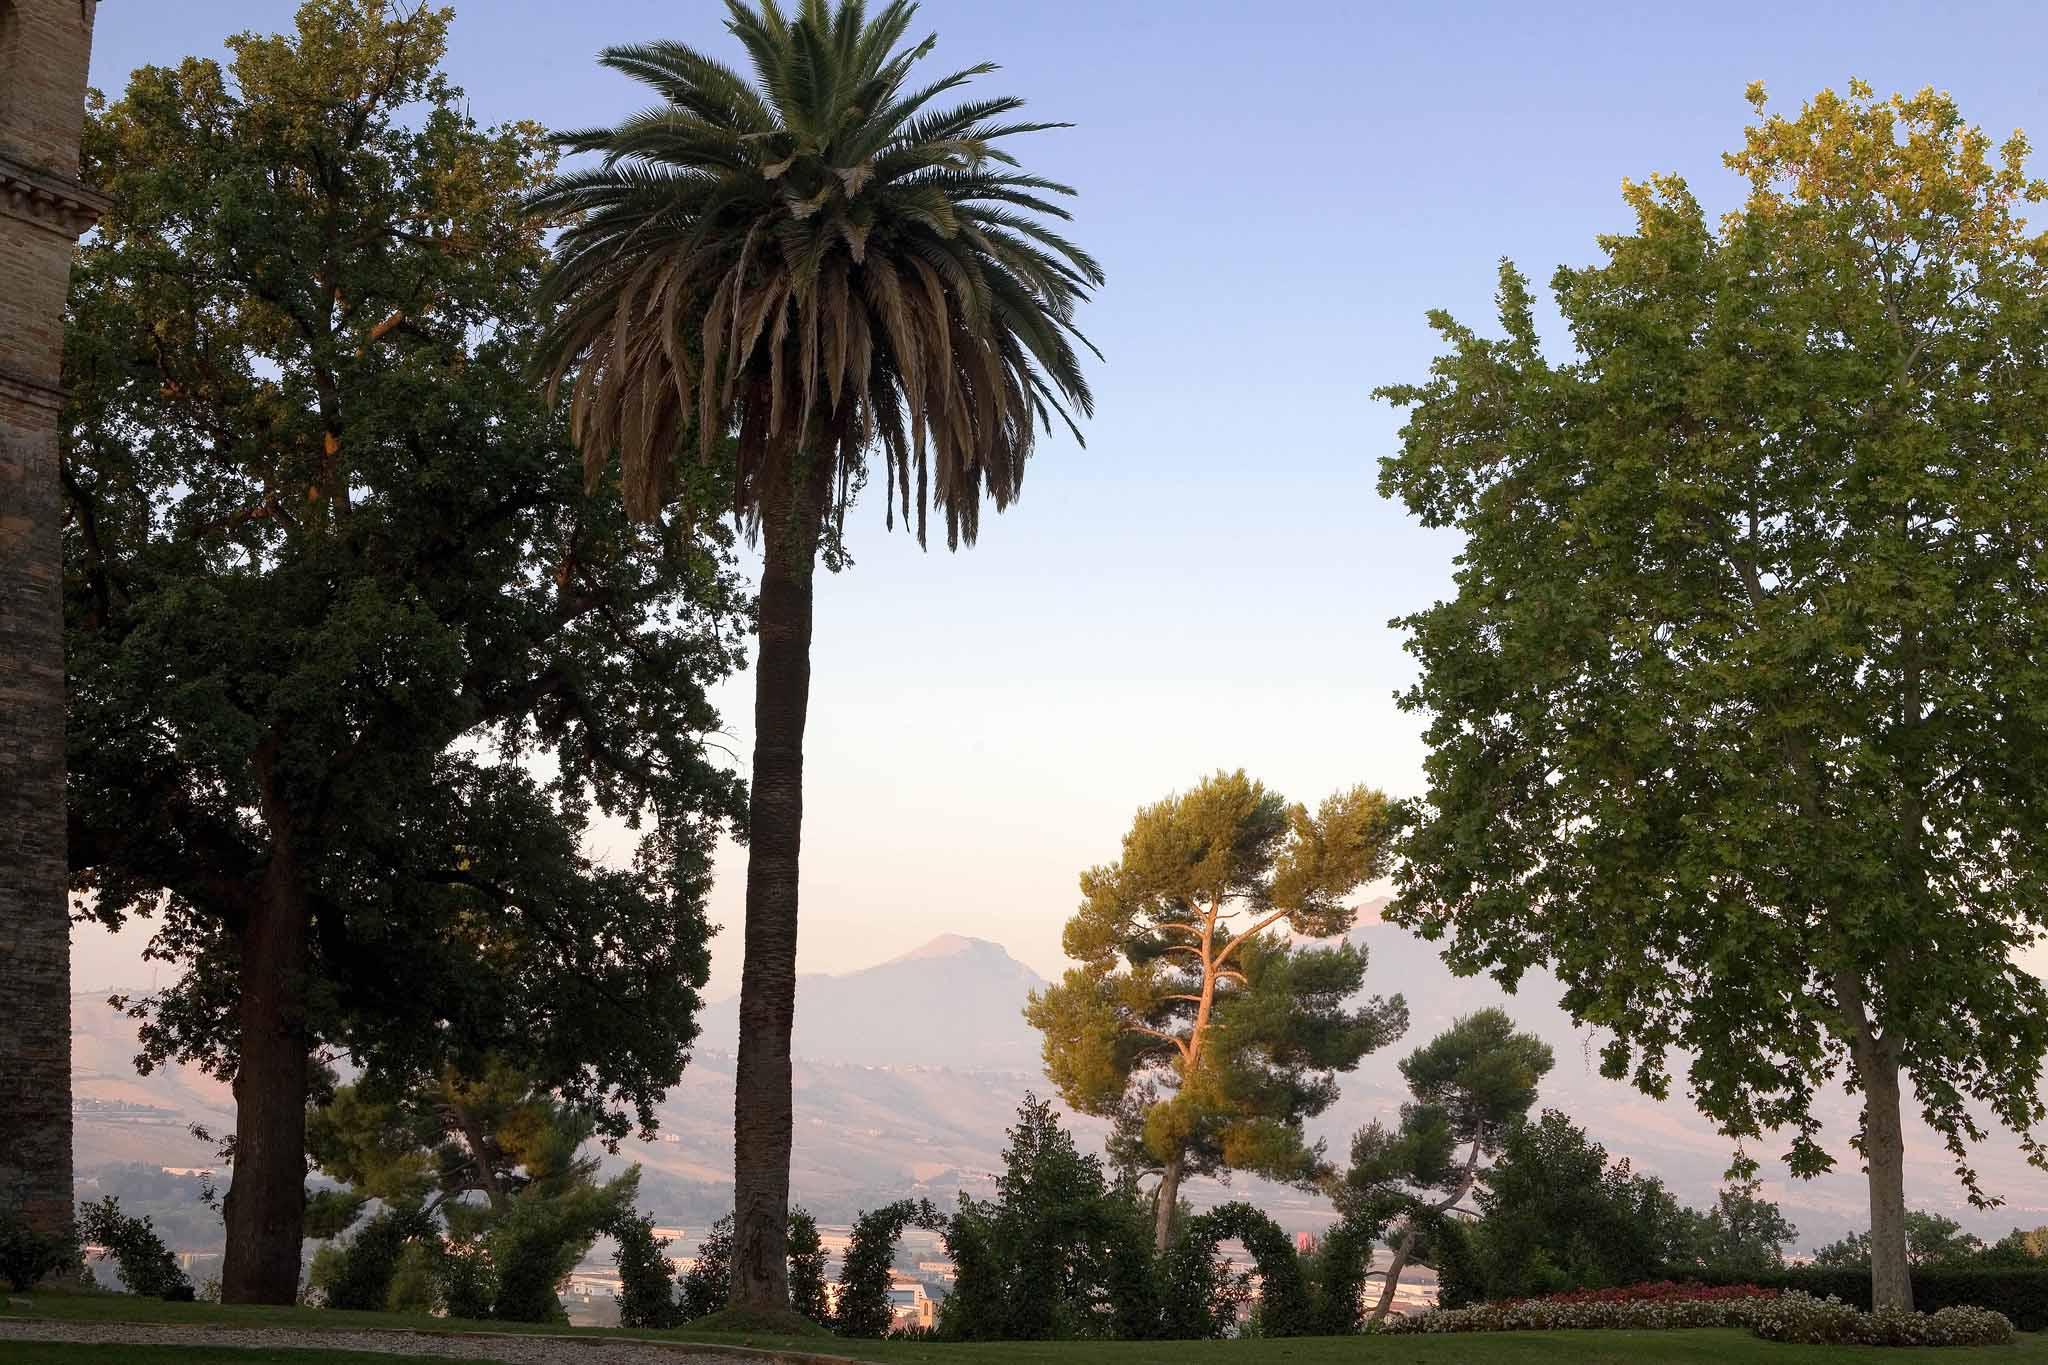 mountains-over-garden-arches